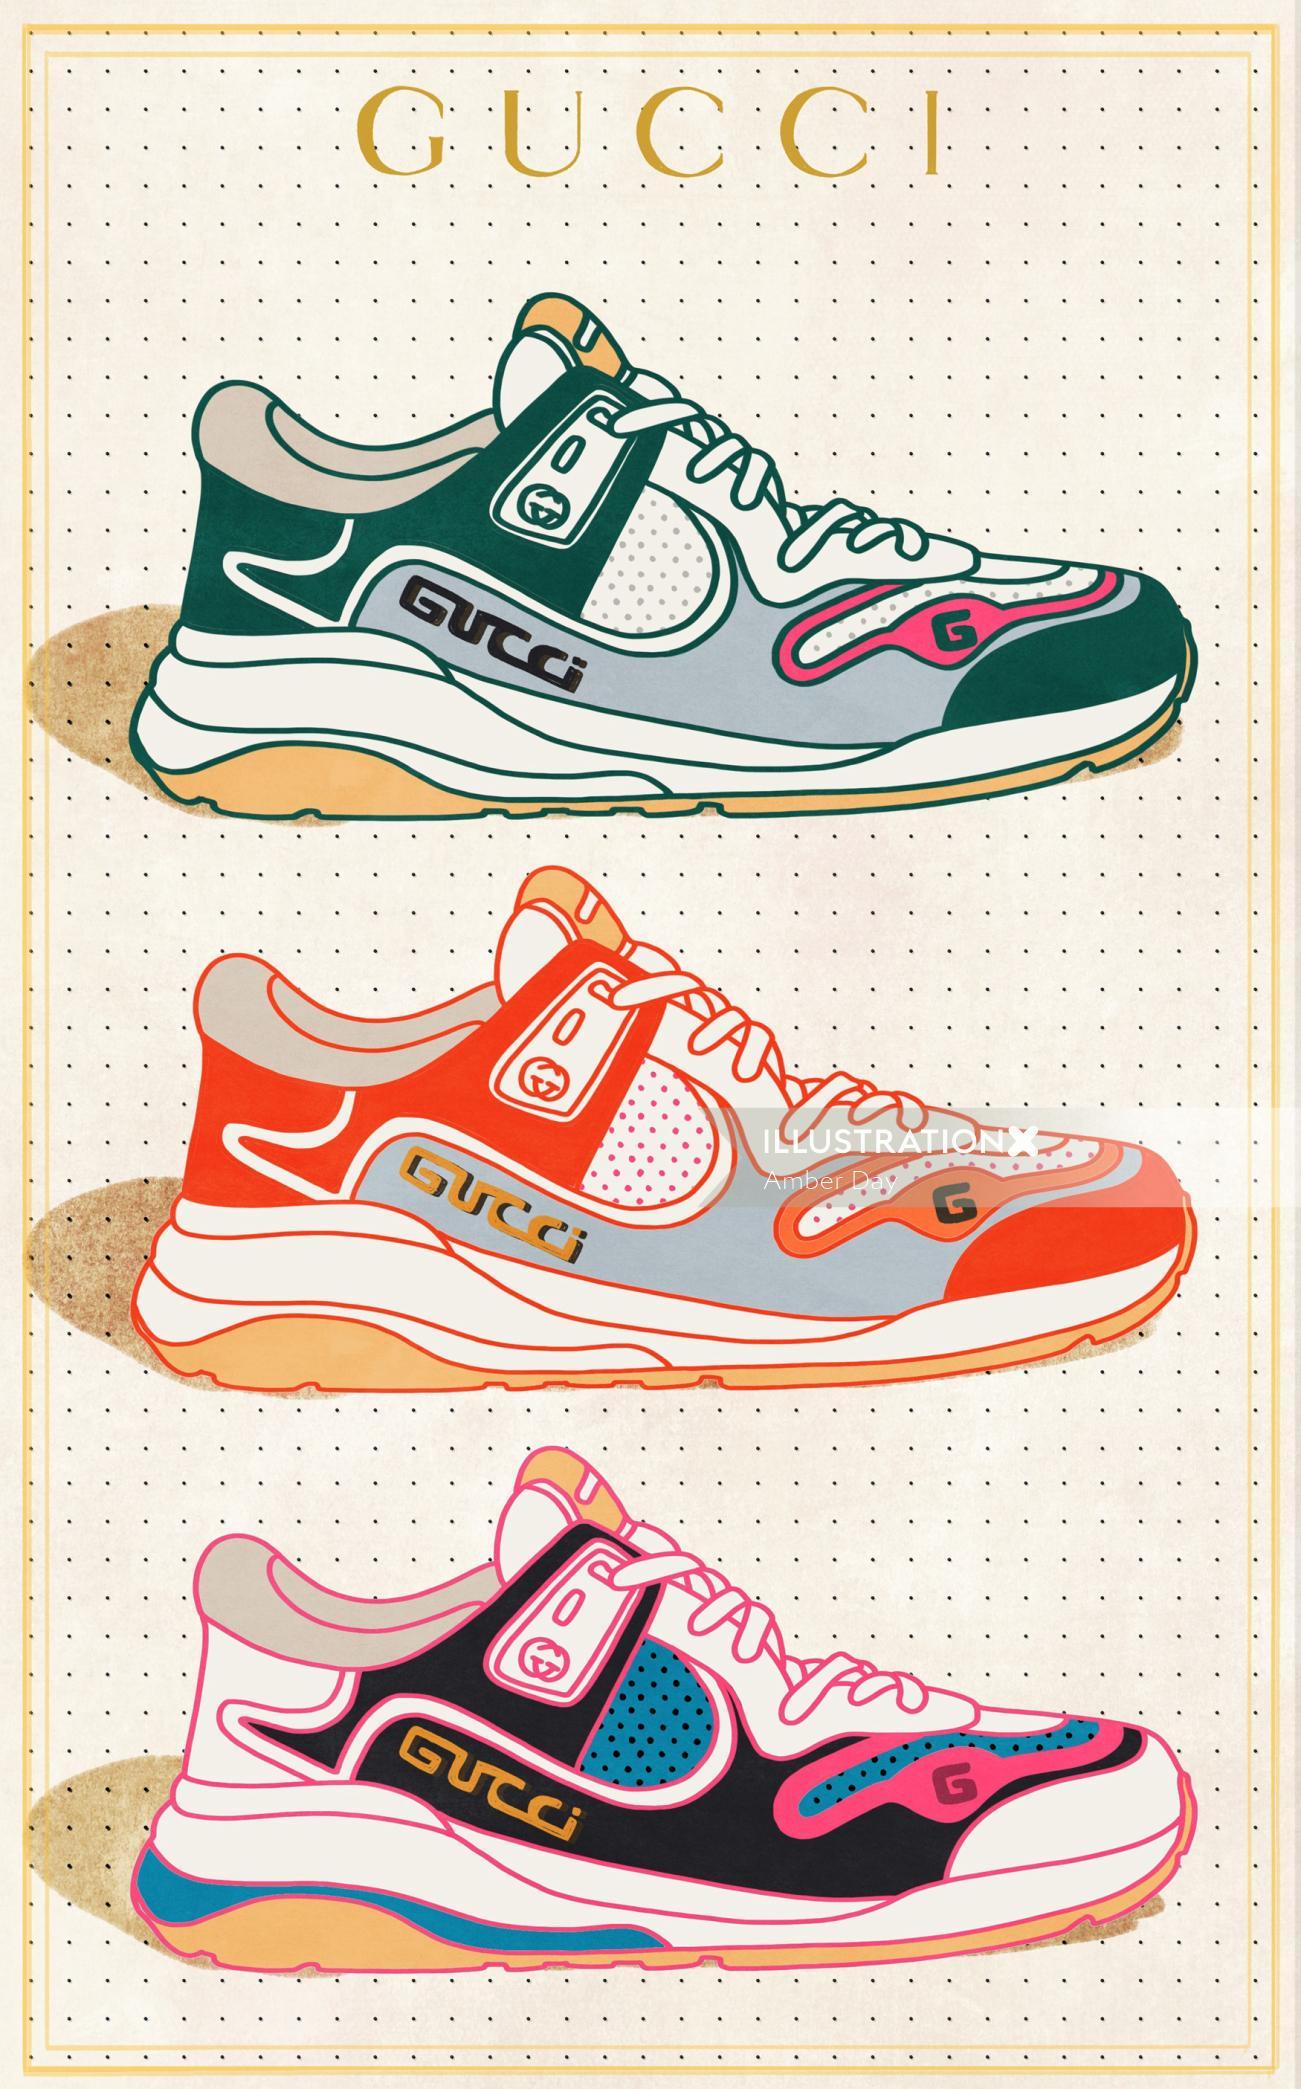 Fashion GUCCI shoes